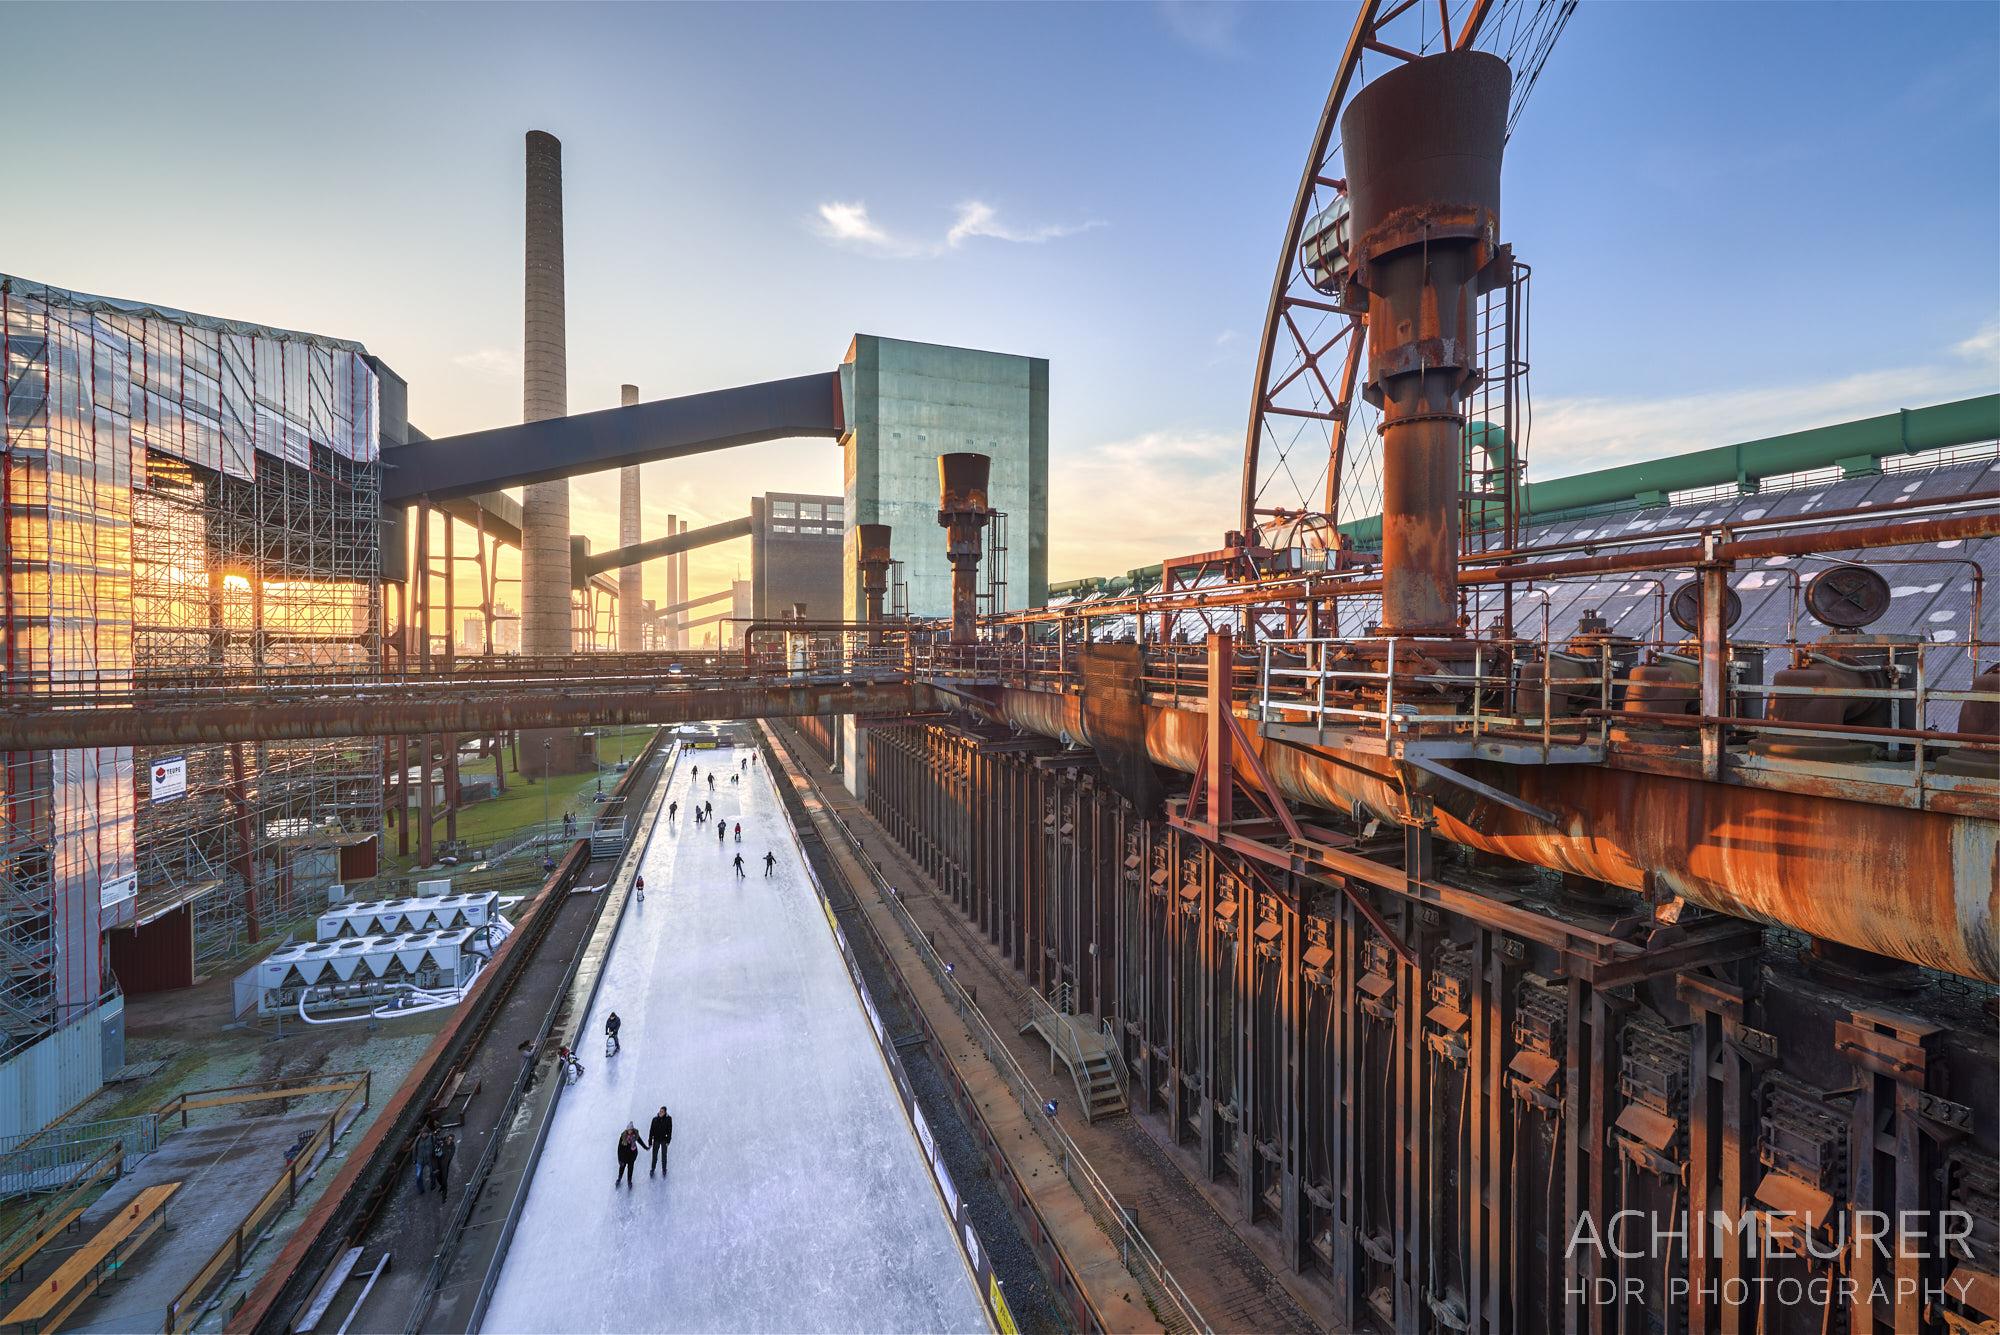 Sonnenuntergang über der alten Kokerei Zeche Zollverein in Essen im Ruhrgebiet by Array.